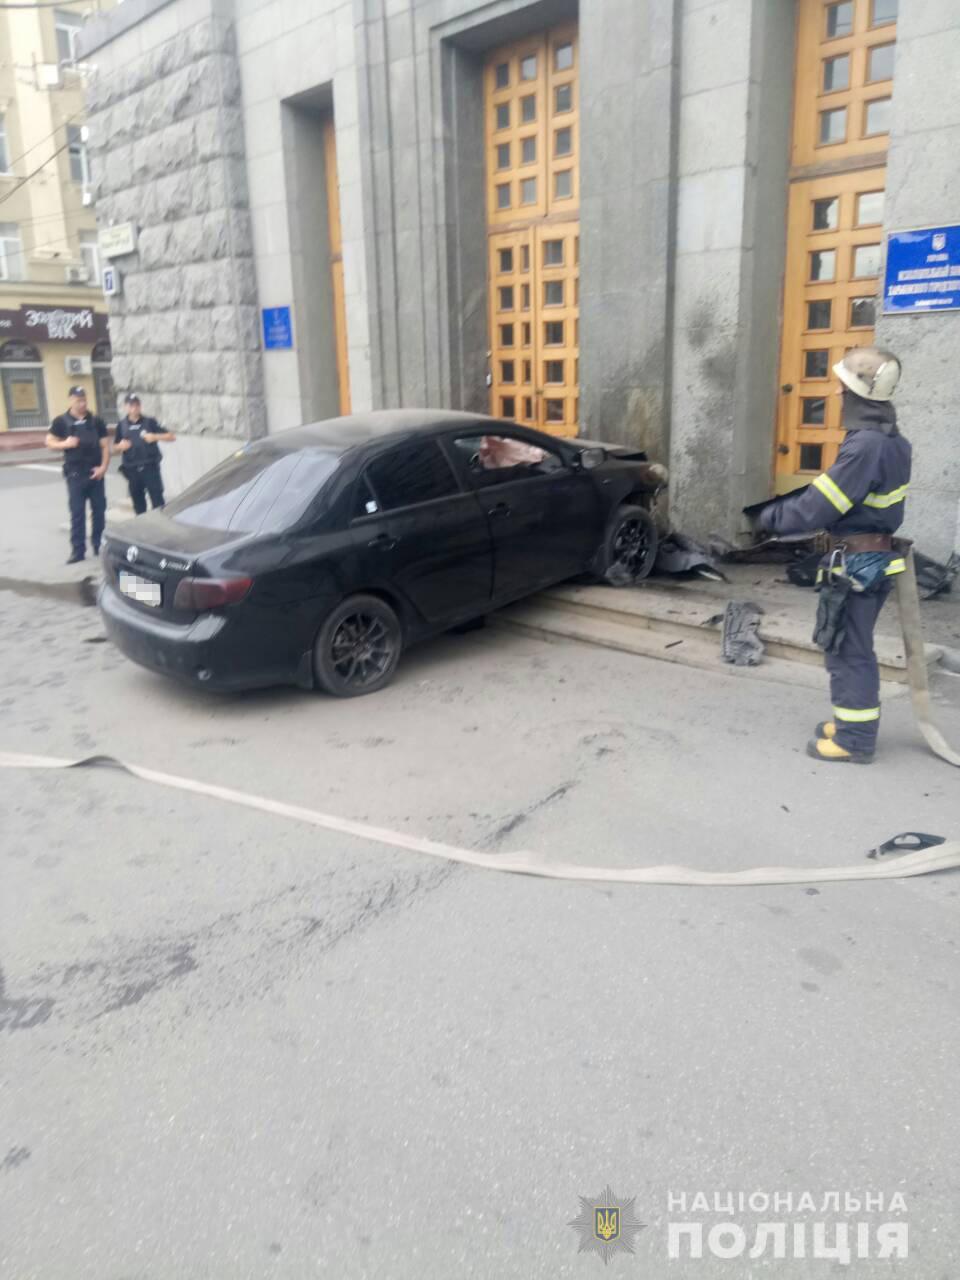 Въехал в здание горсовета: полиция открыла уголовное производство (видео)